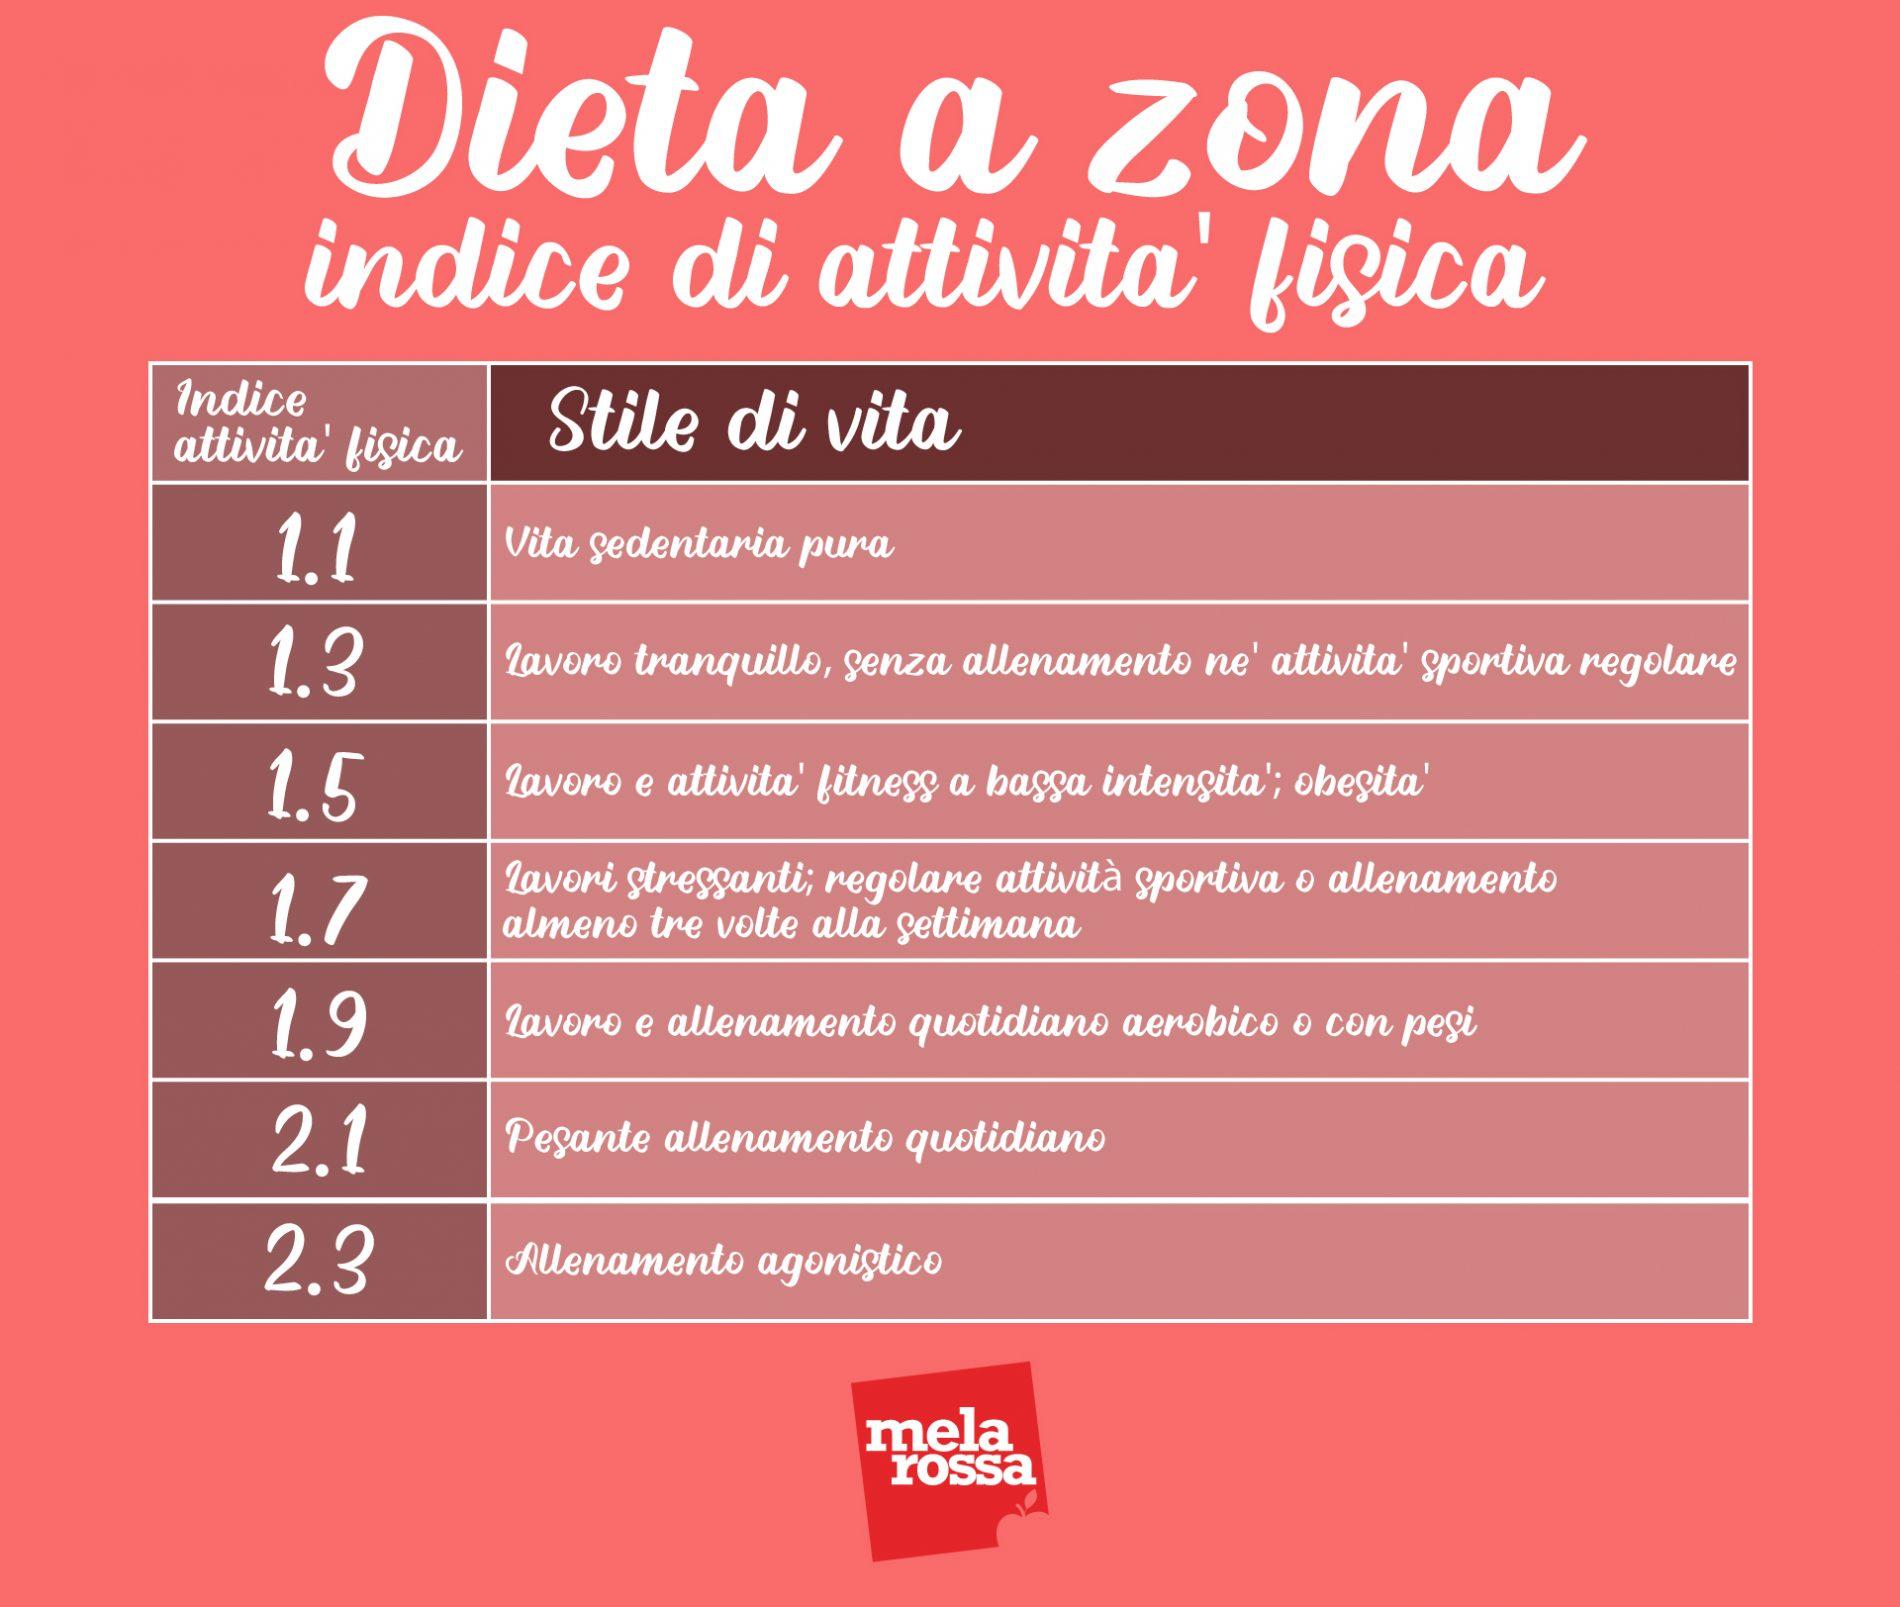 dieta a zona: indice di attività fisica